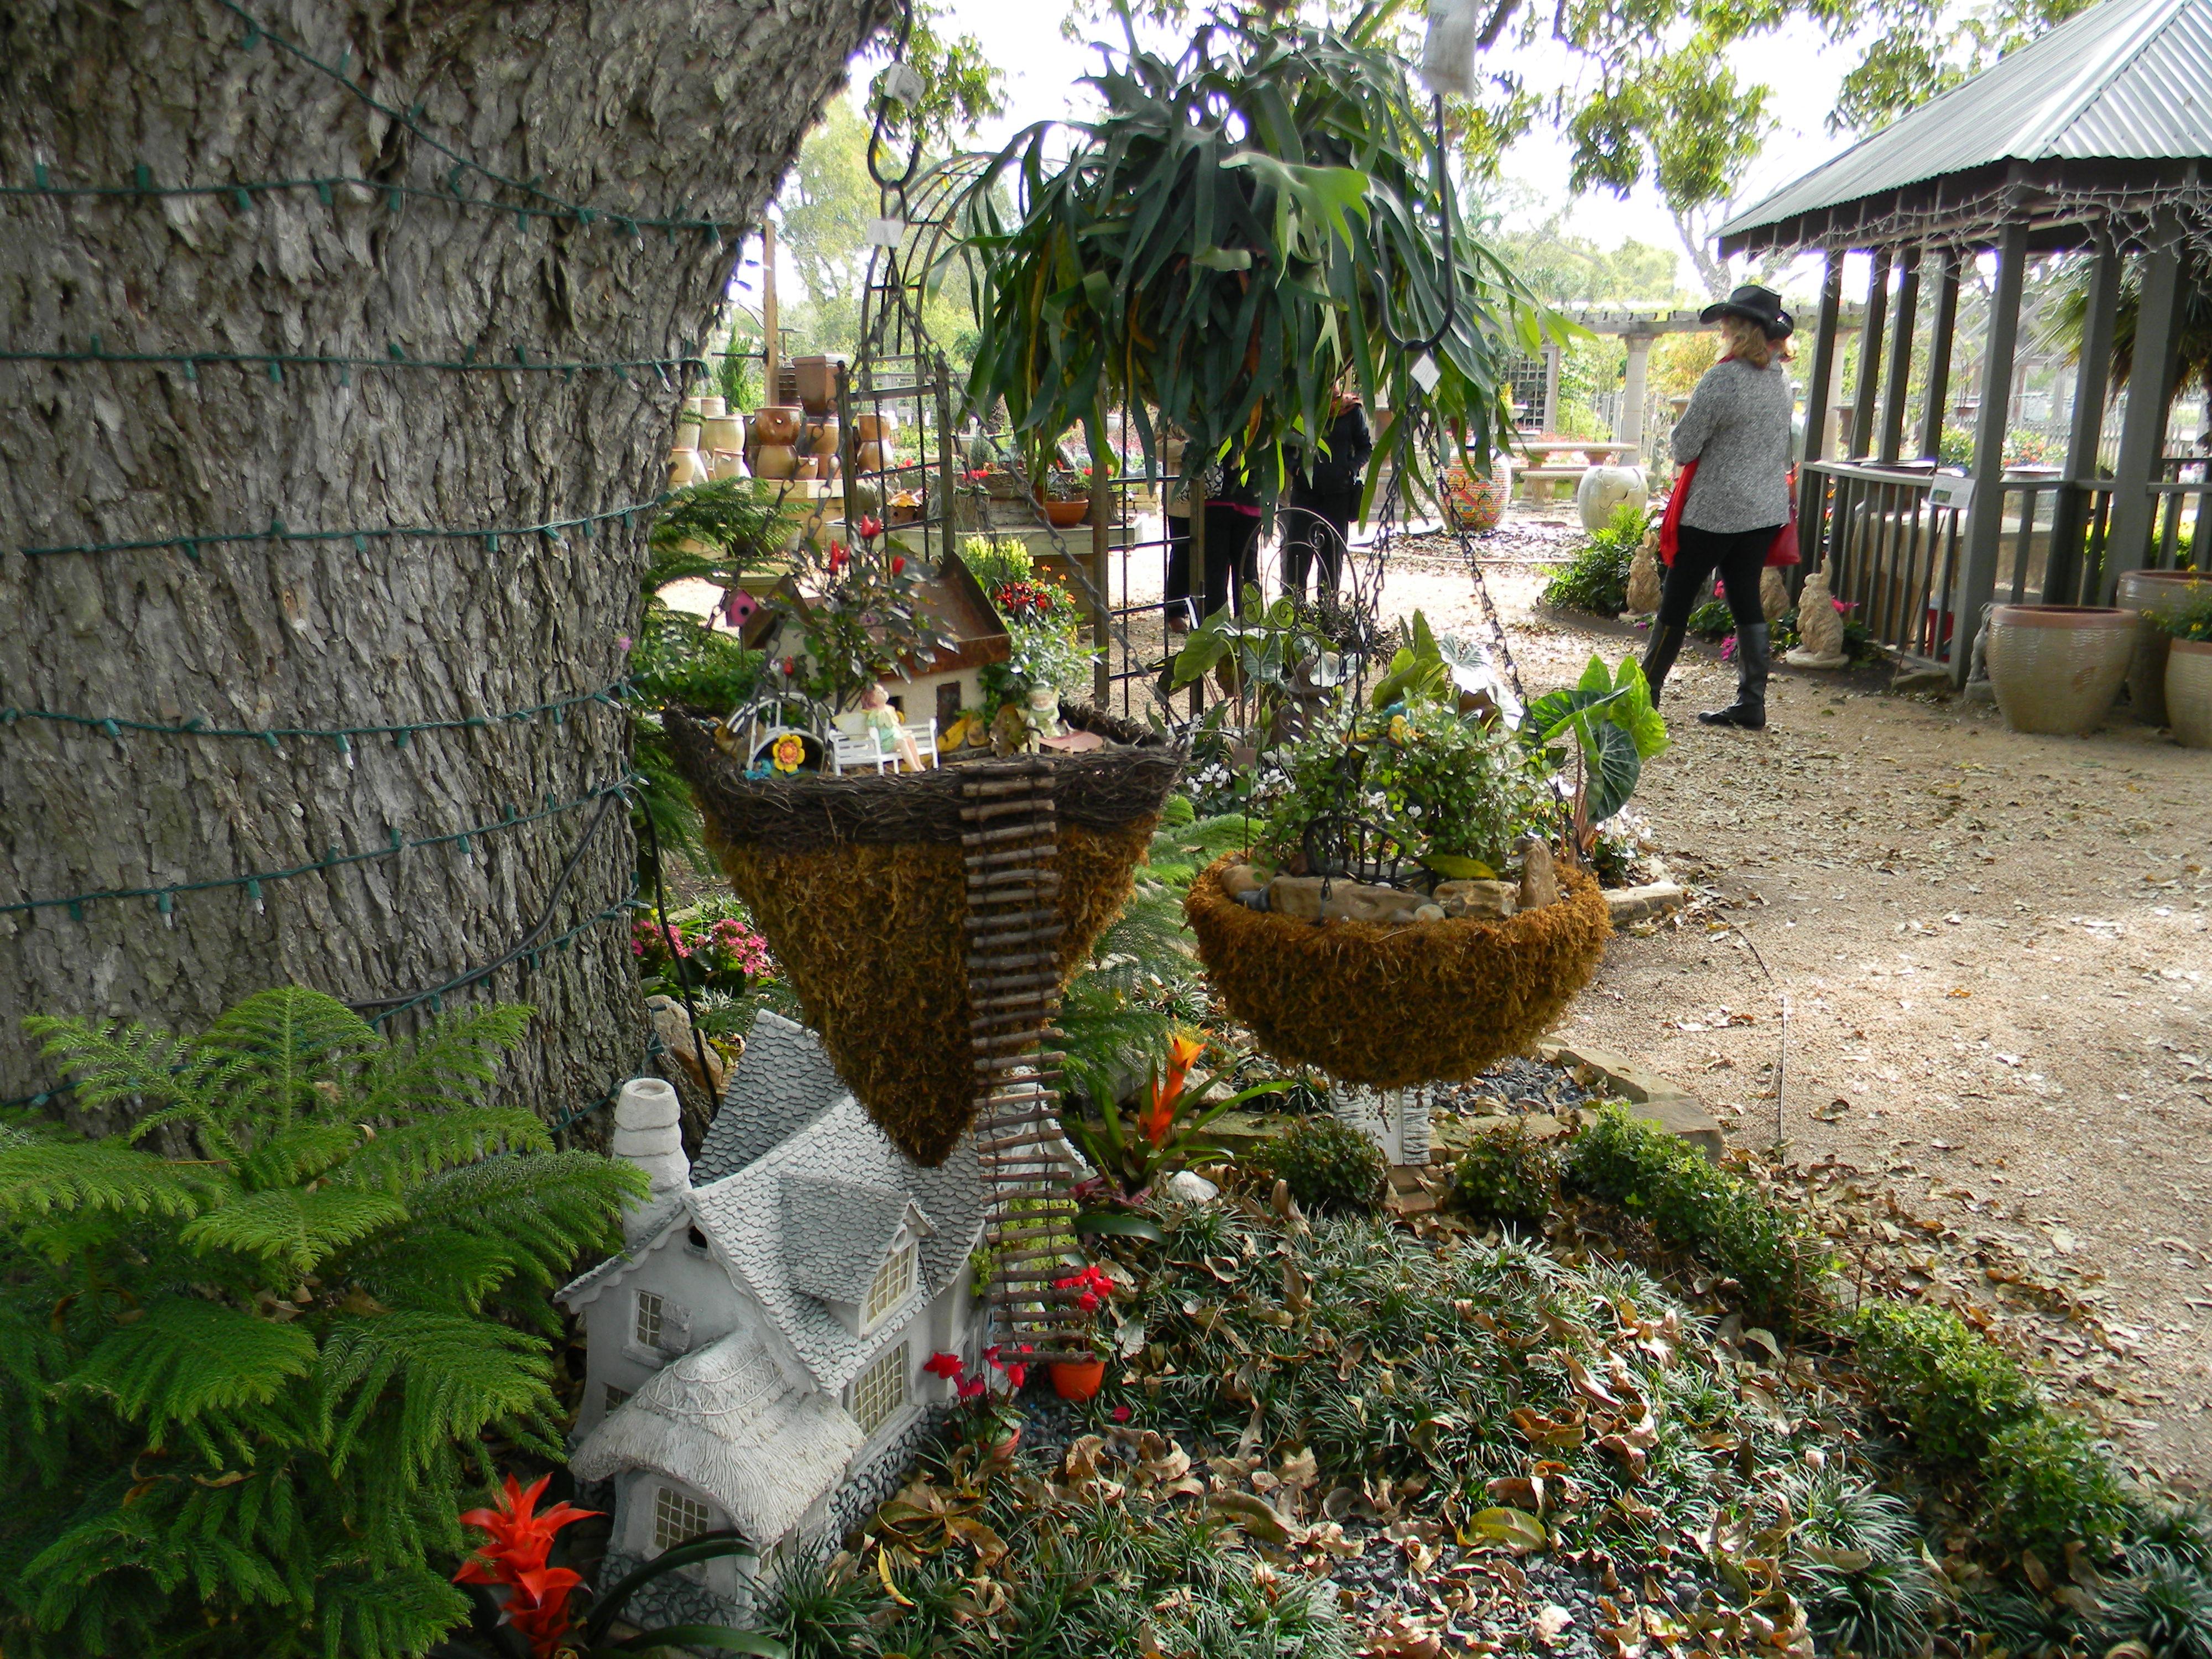 Quail Valley Garden Club: November 2013